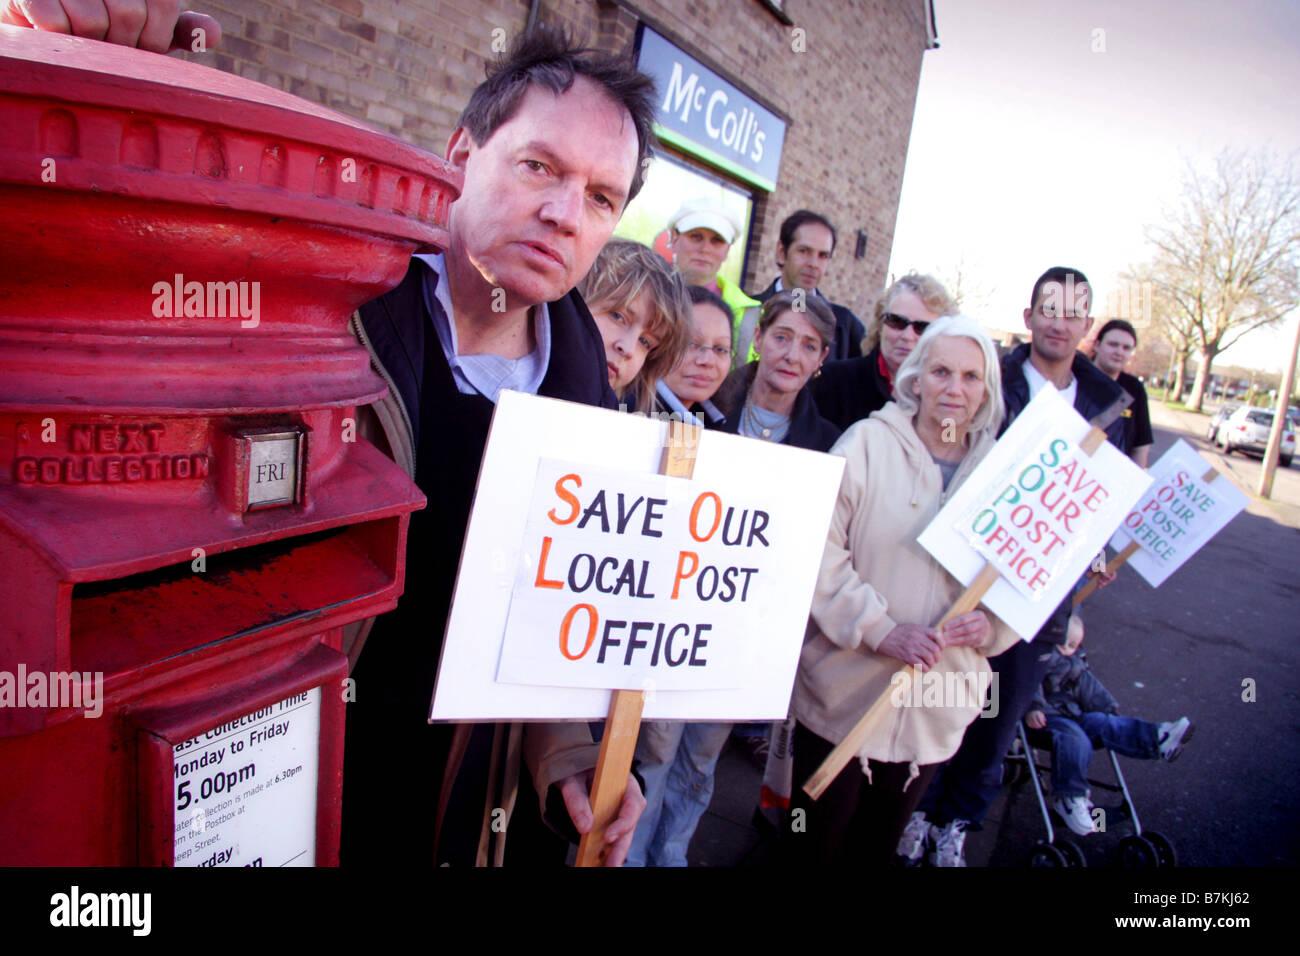 Habitants de la lutte pour sauver leur bureau de poste, à Bicester Oxfordshire Photo Stock